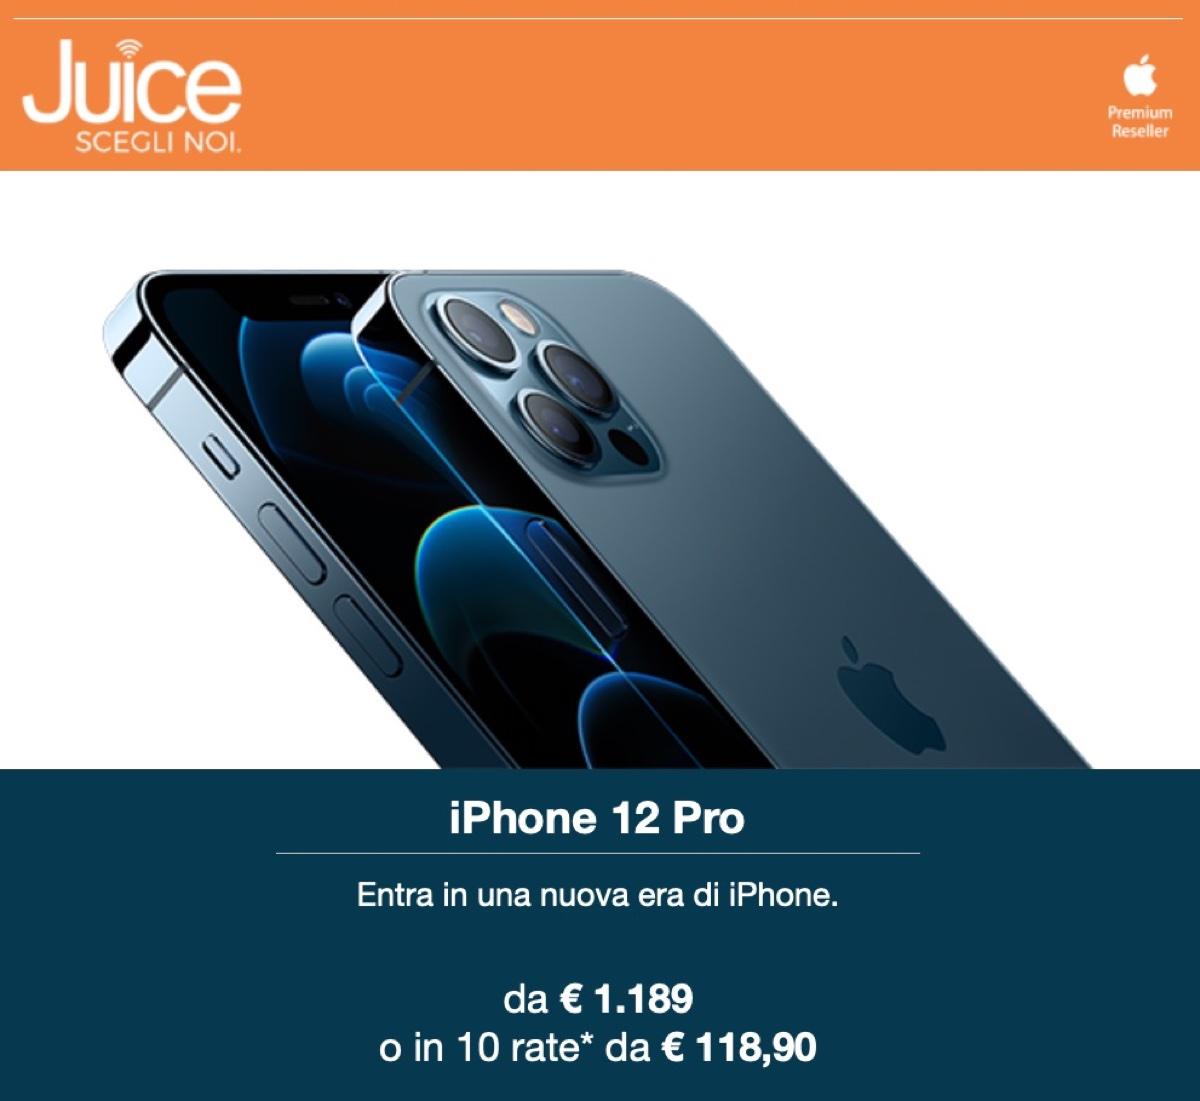 Da Juice iPhone 12 Pro disponibili, anche in 10 rate